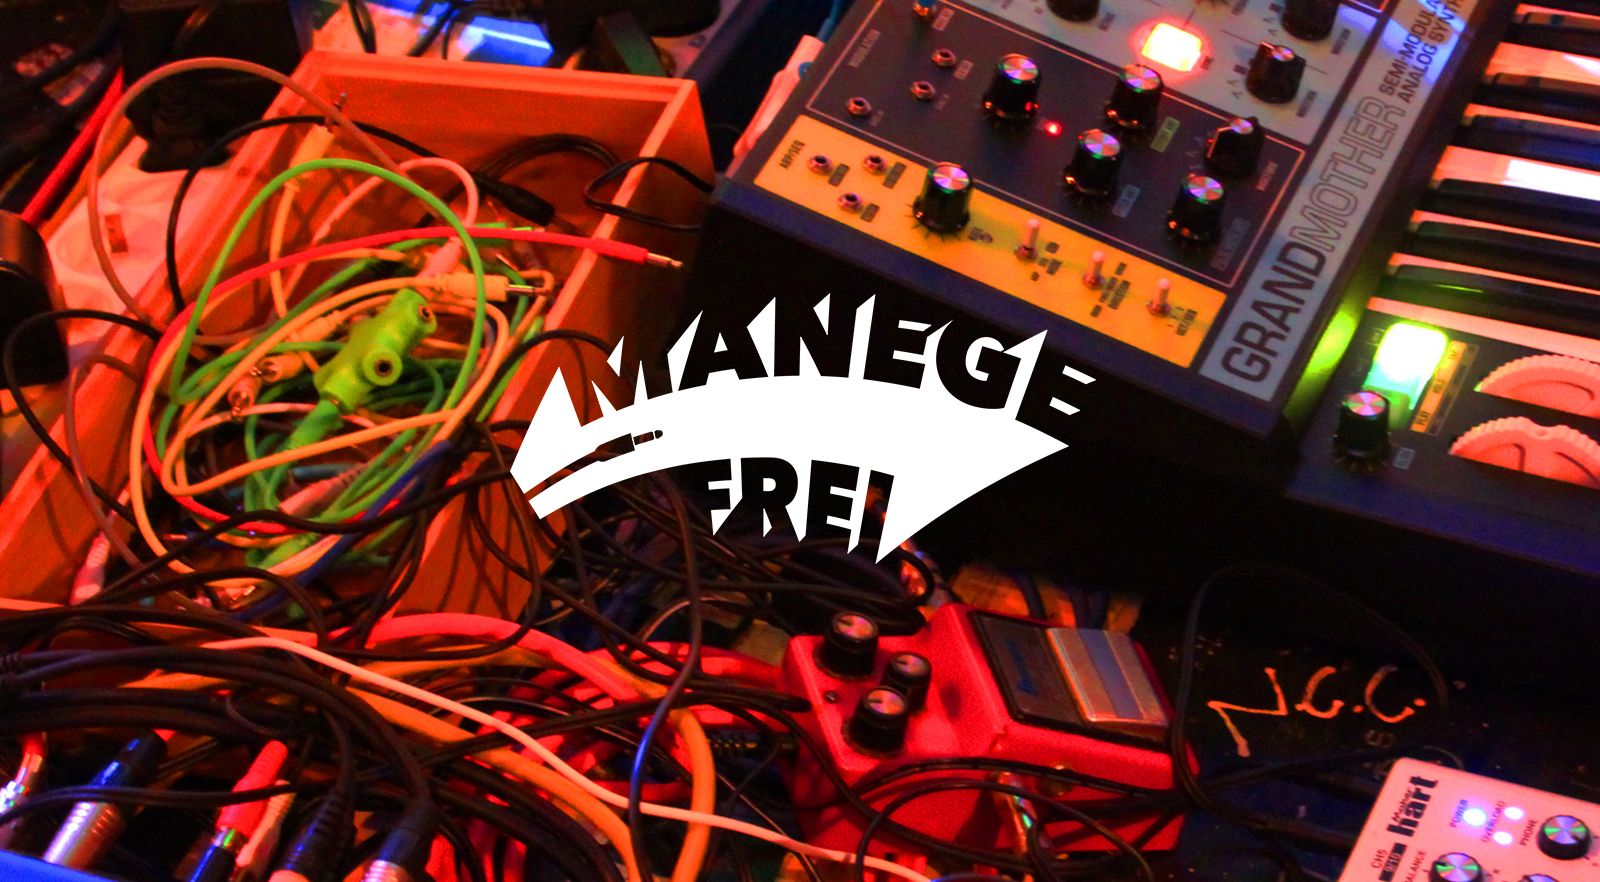 Manege_Frei_008_200119